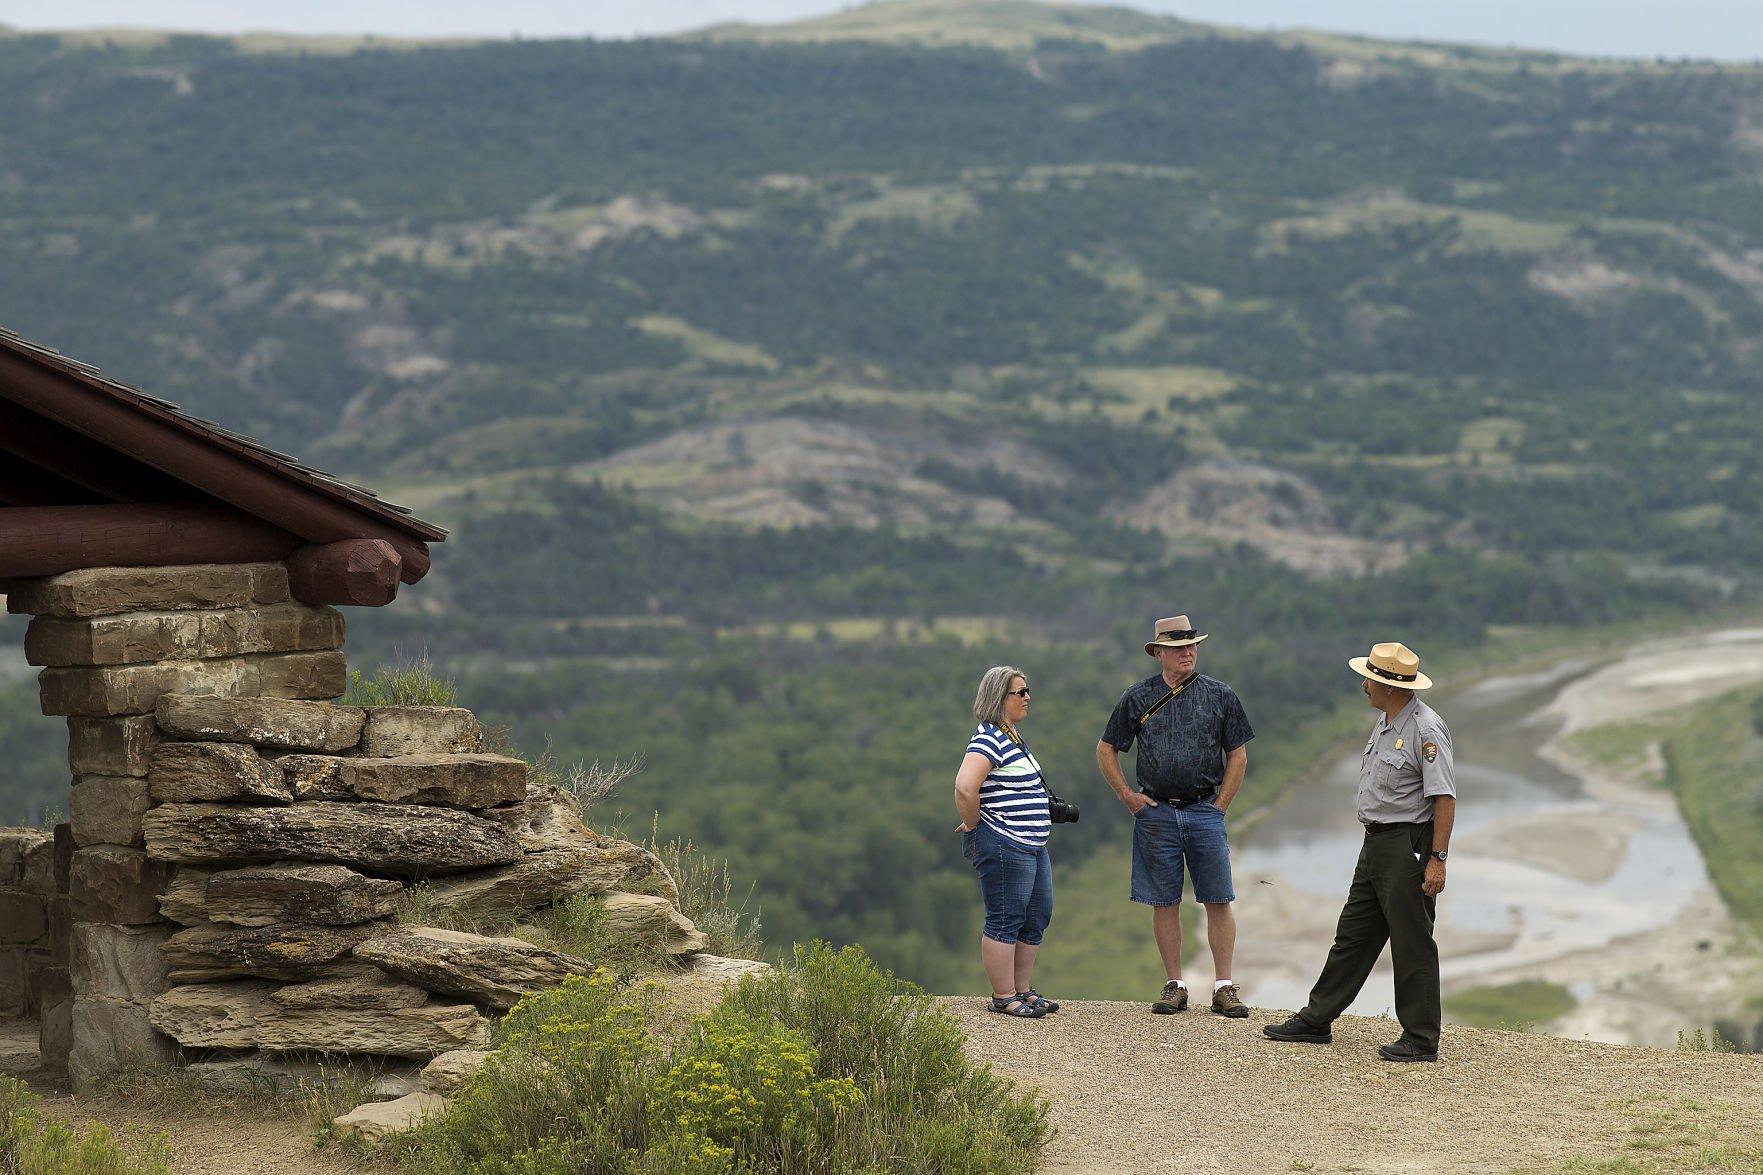 More visitors discovering splendor of national parks North Unit